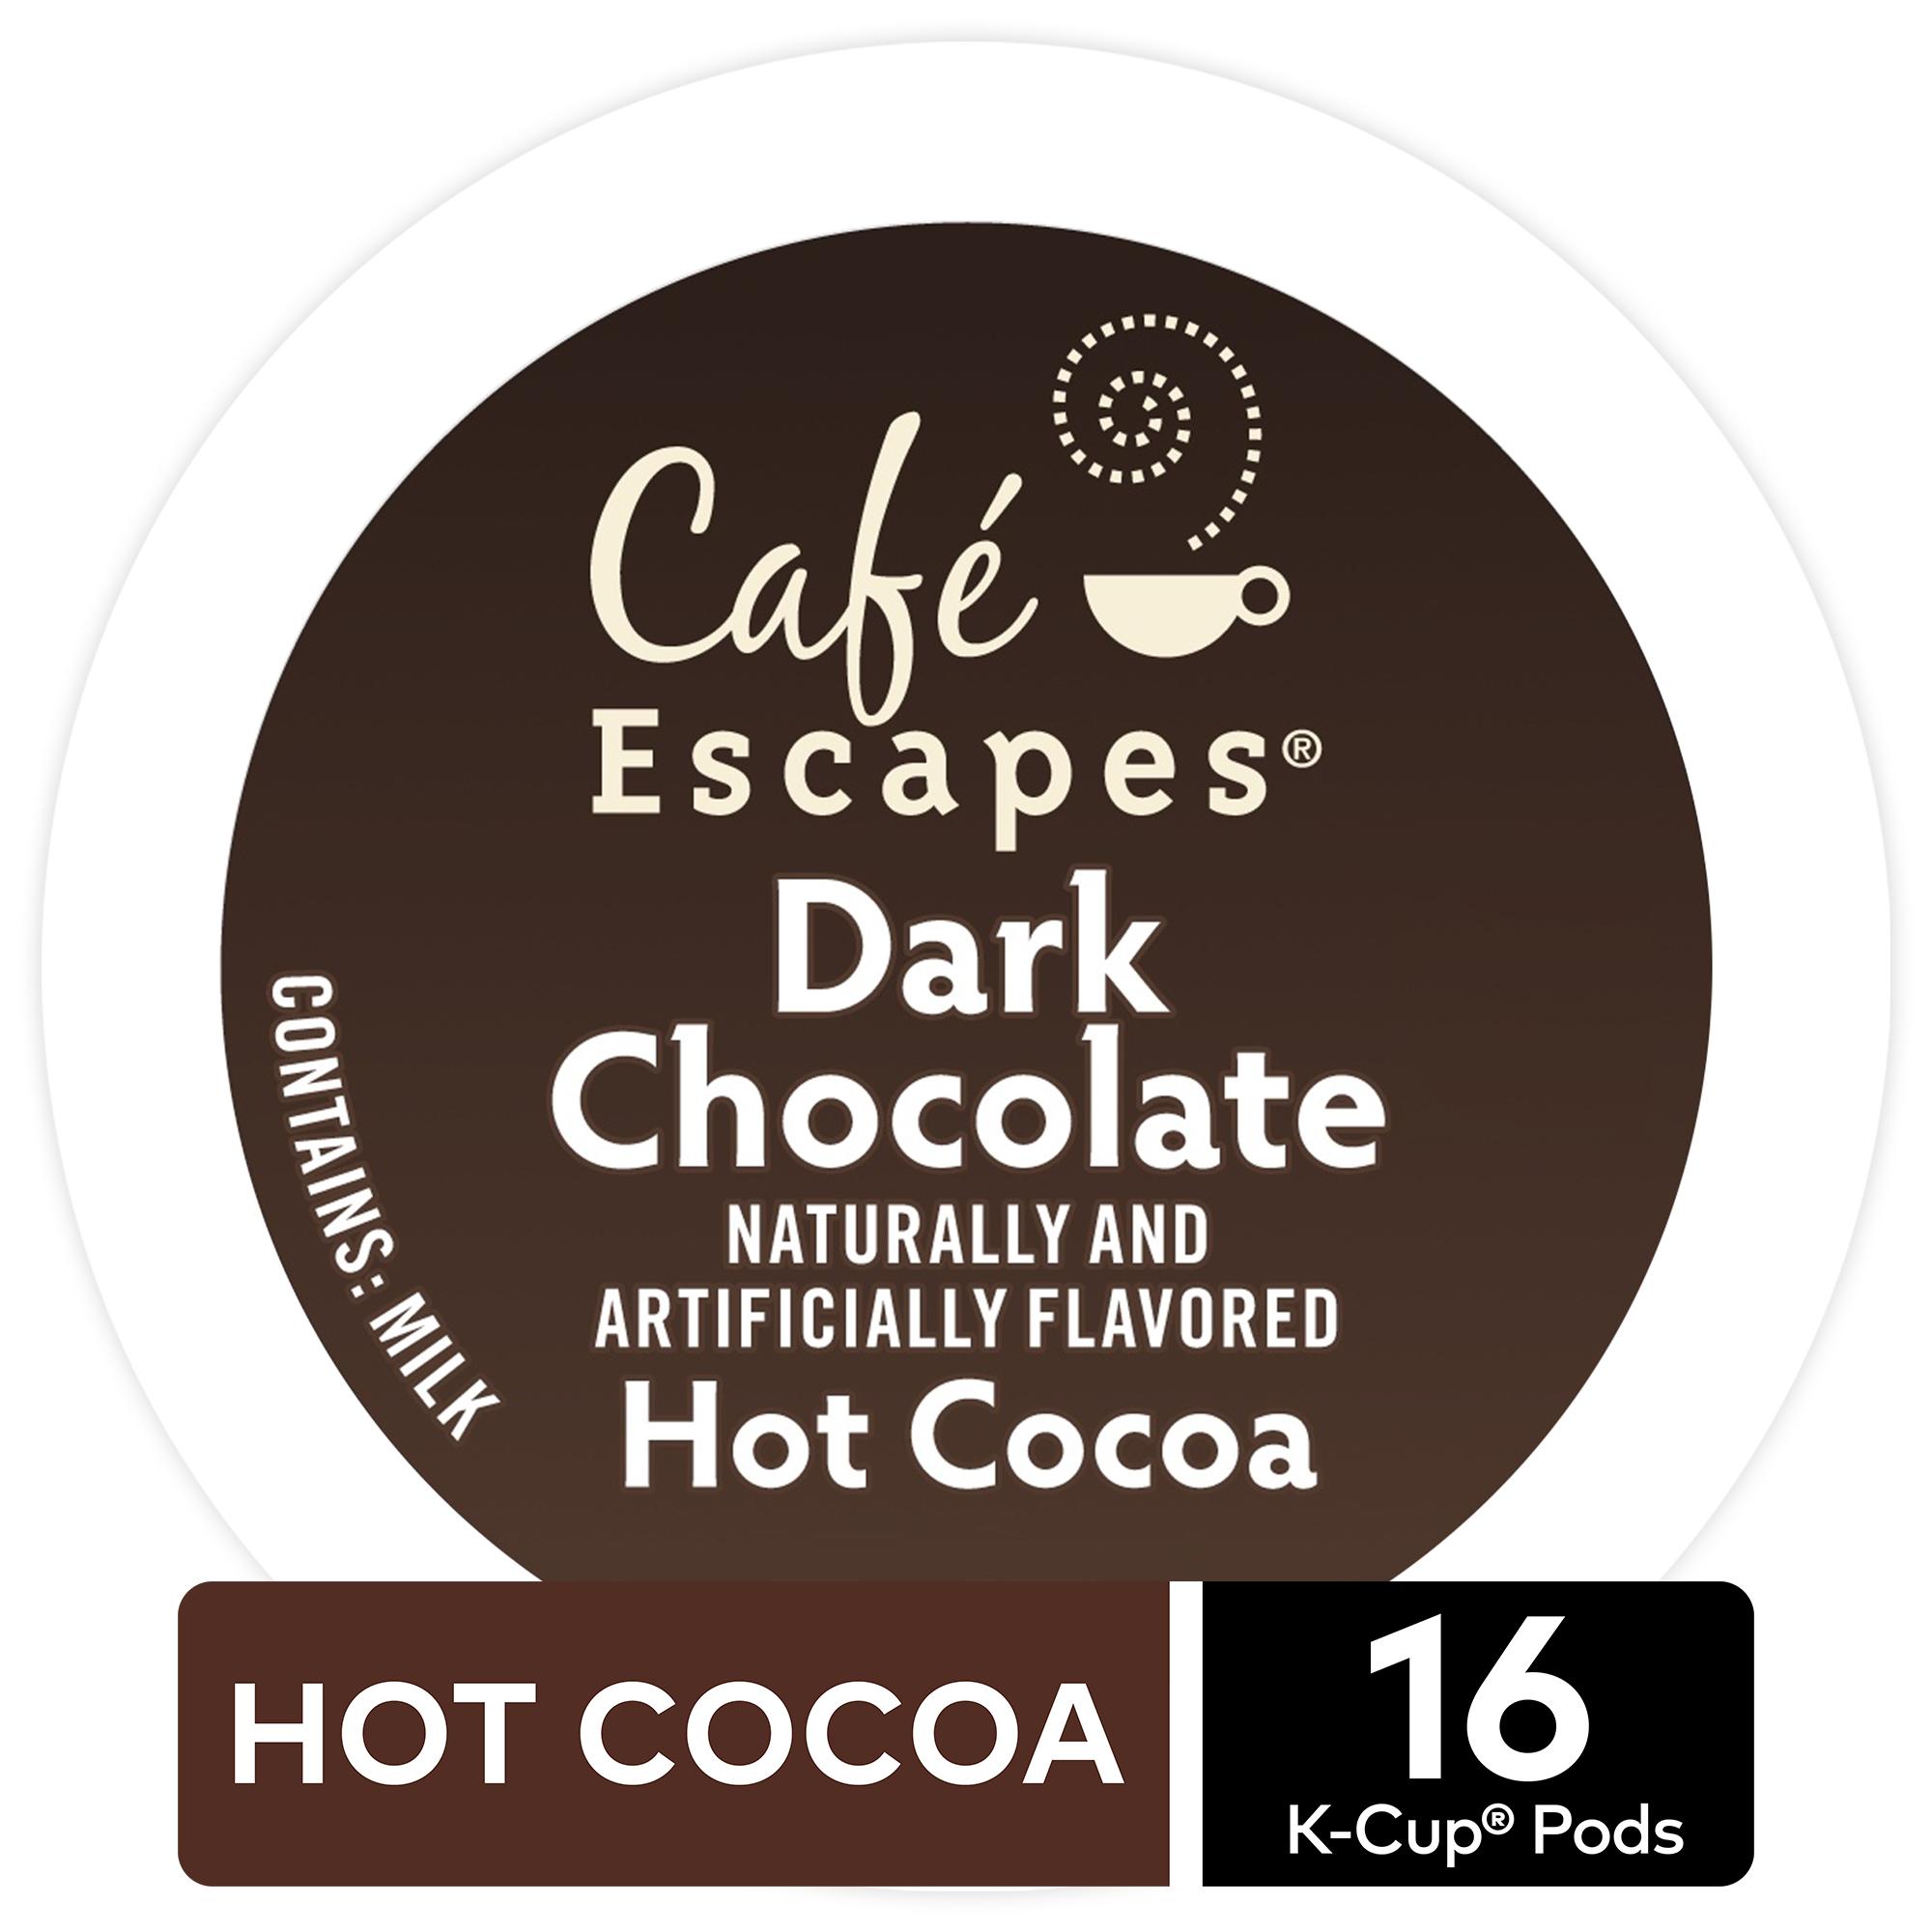 Café Escapes Dark Chocolate Hot Cocoa, Keurig K-Cup Pods, Specialty Beverage, 16 Count